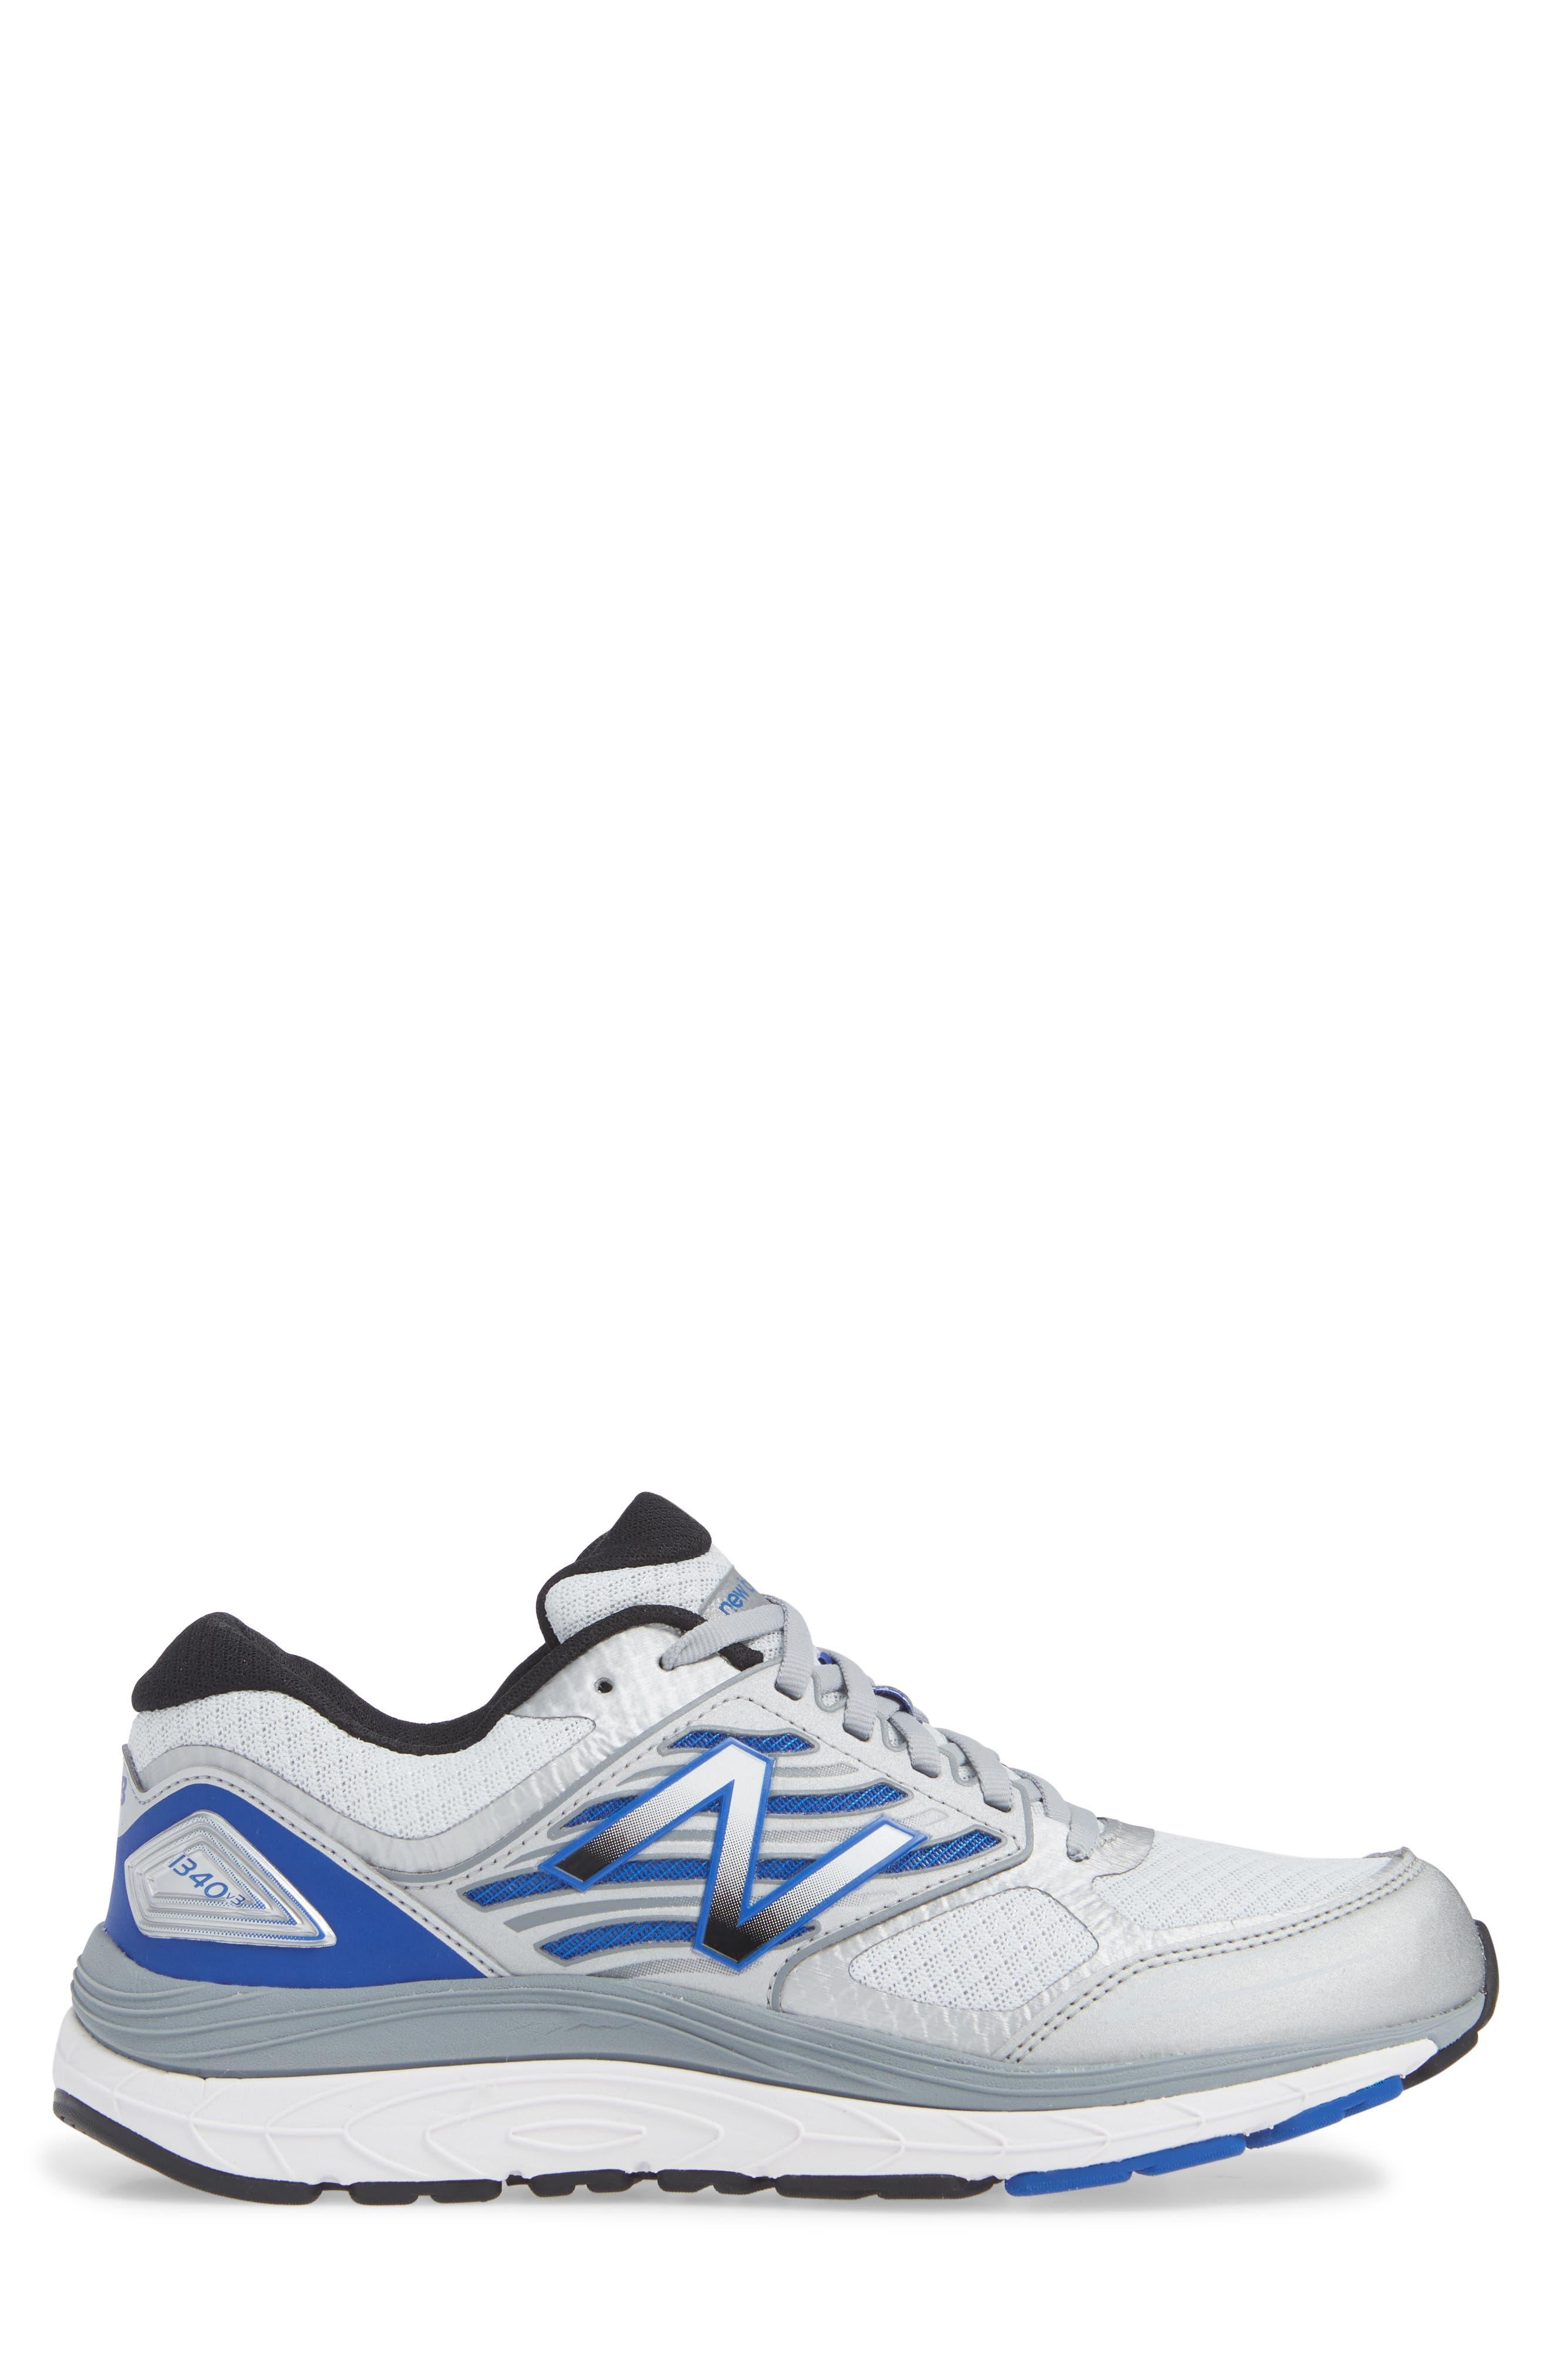 NEW BALANCE, 1340v3 Running Shoe, Alternate thumbnail 3, color, WHITE